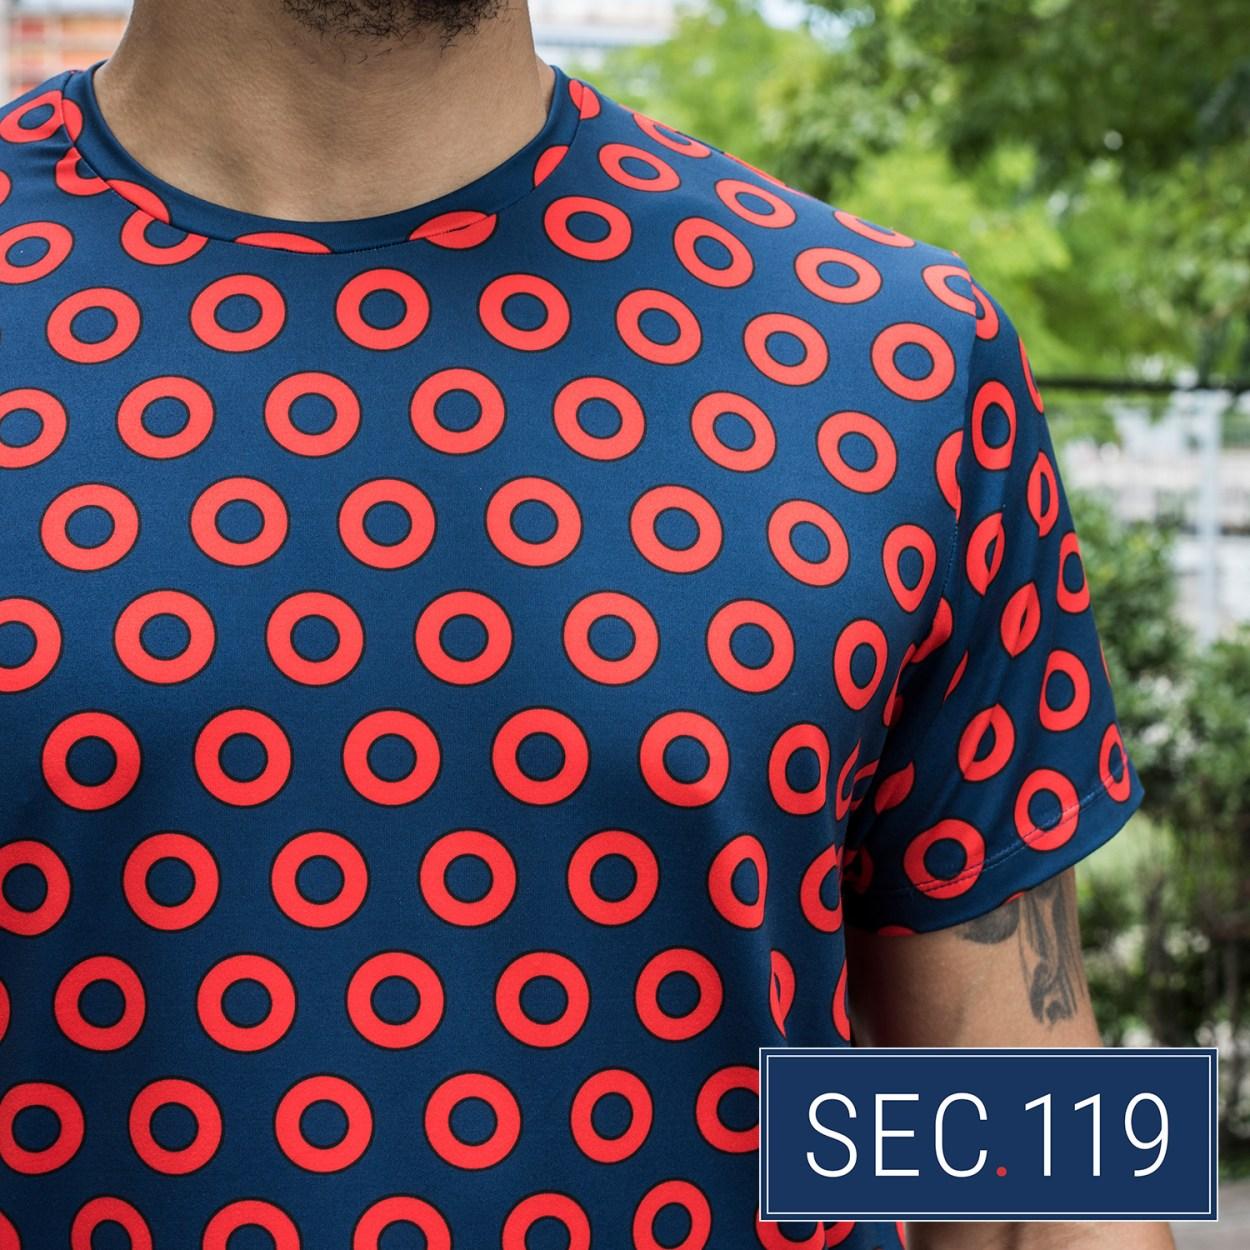 PhanArt at Mohegan Sun